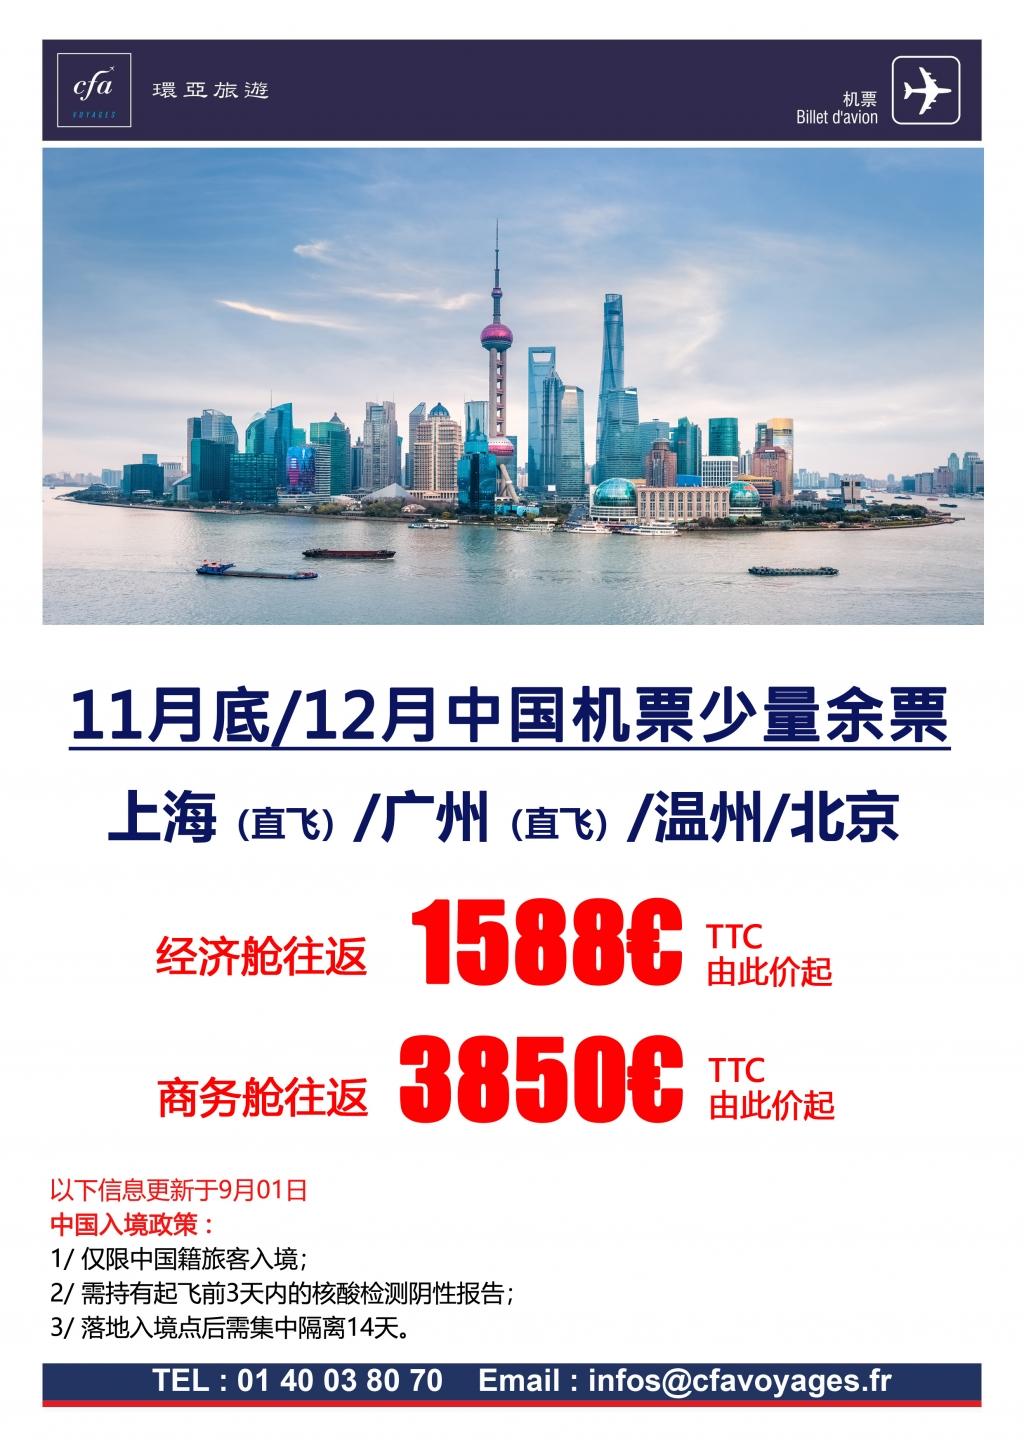 11月12月回国机票尚有余位,巴黎-上海/广州/温州/北京